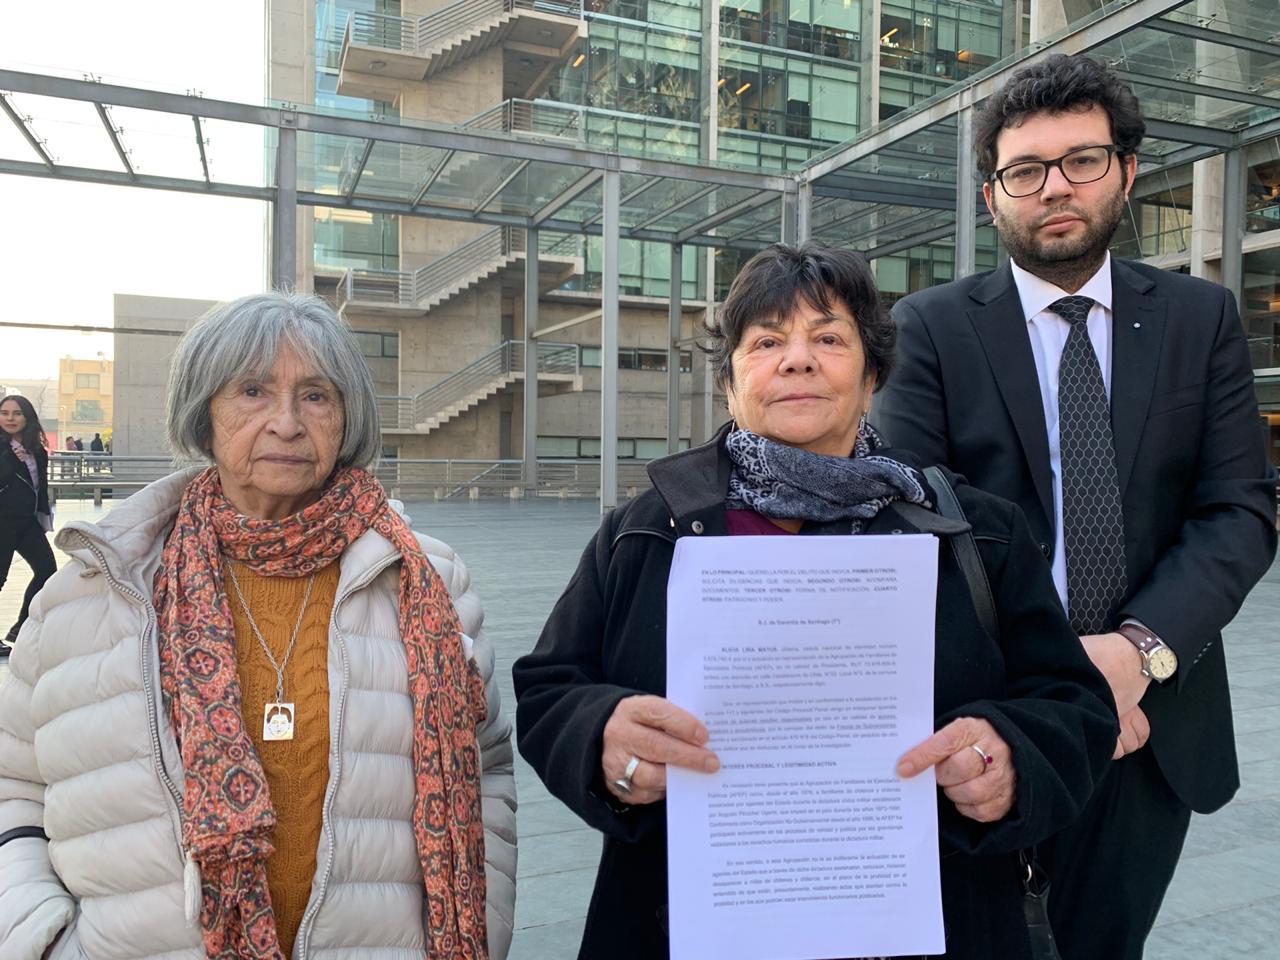 Familiares de ejecutados políticos se querellan contra militares condenados que gozan de pensiones millonarias